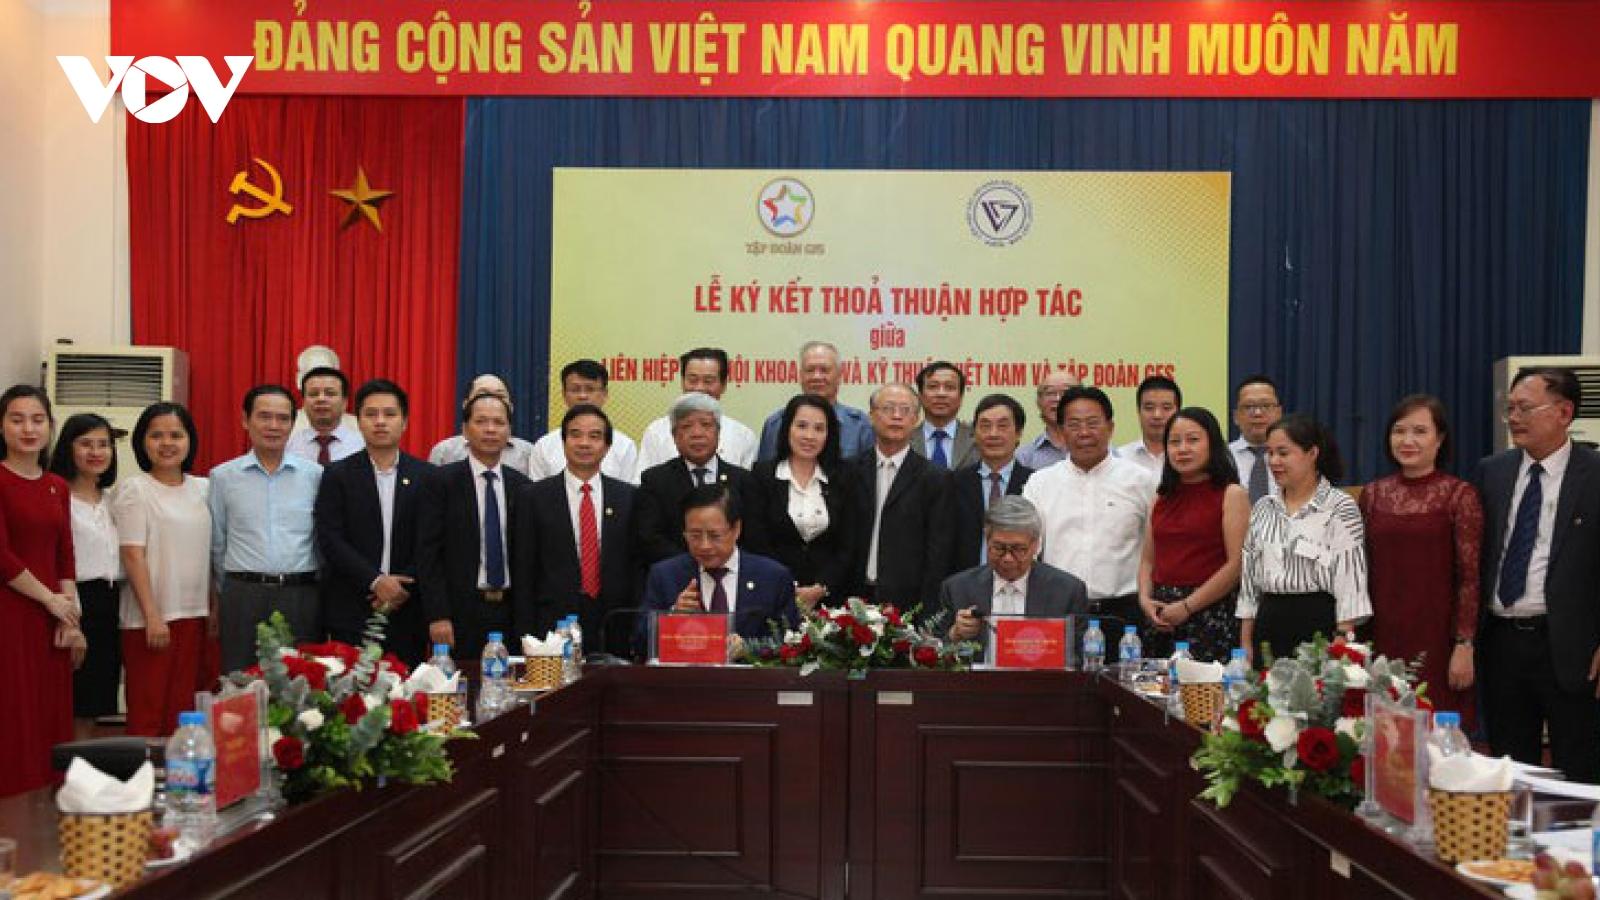 GFS và Liên hiệp các Hội Khoa học Kỹ thuật Việt Nam: Hợp tác để đưa trí tuệ Việt vươn xa